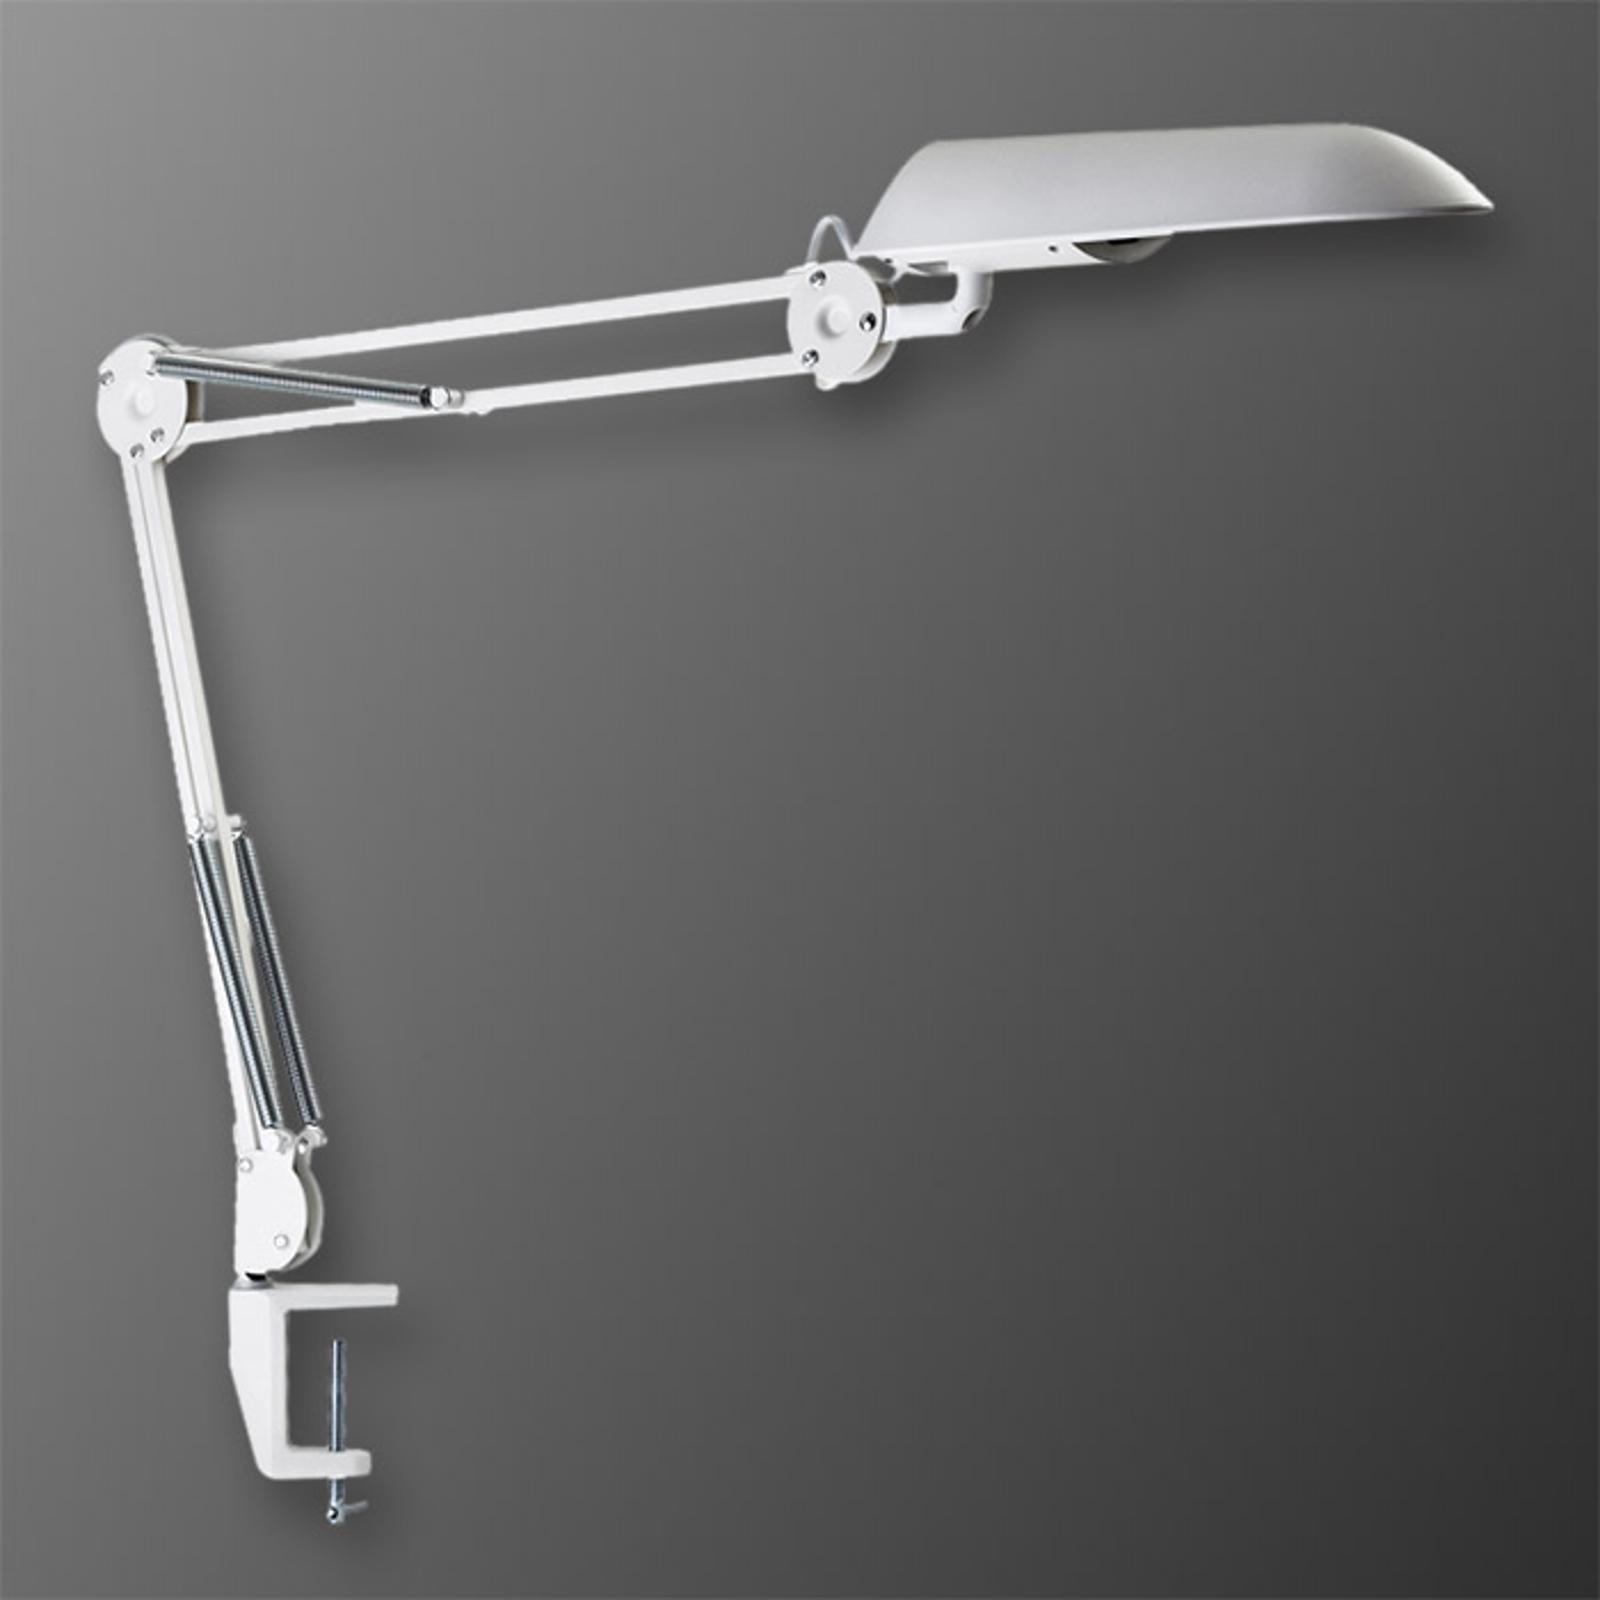 Flikkervrij licht - bureaulamp Verit We